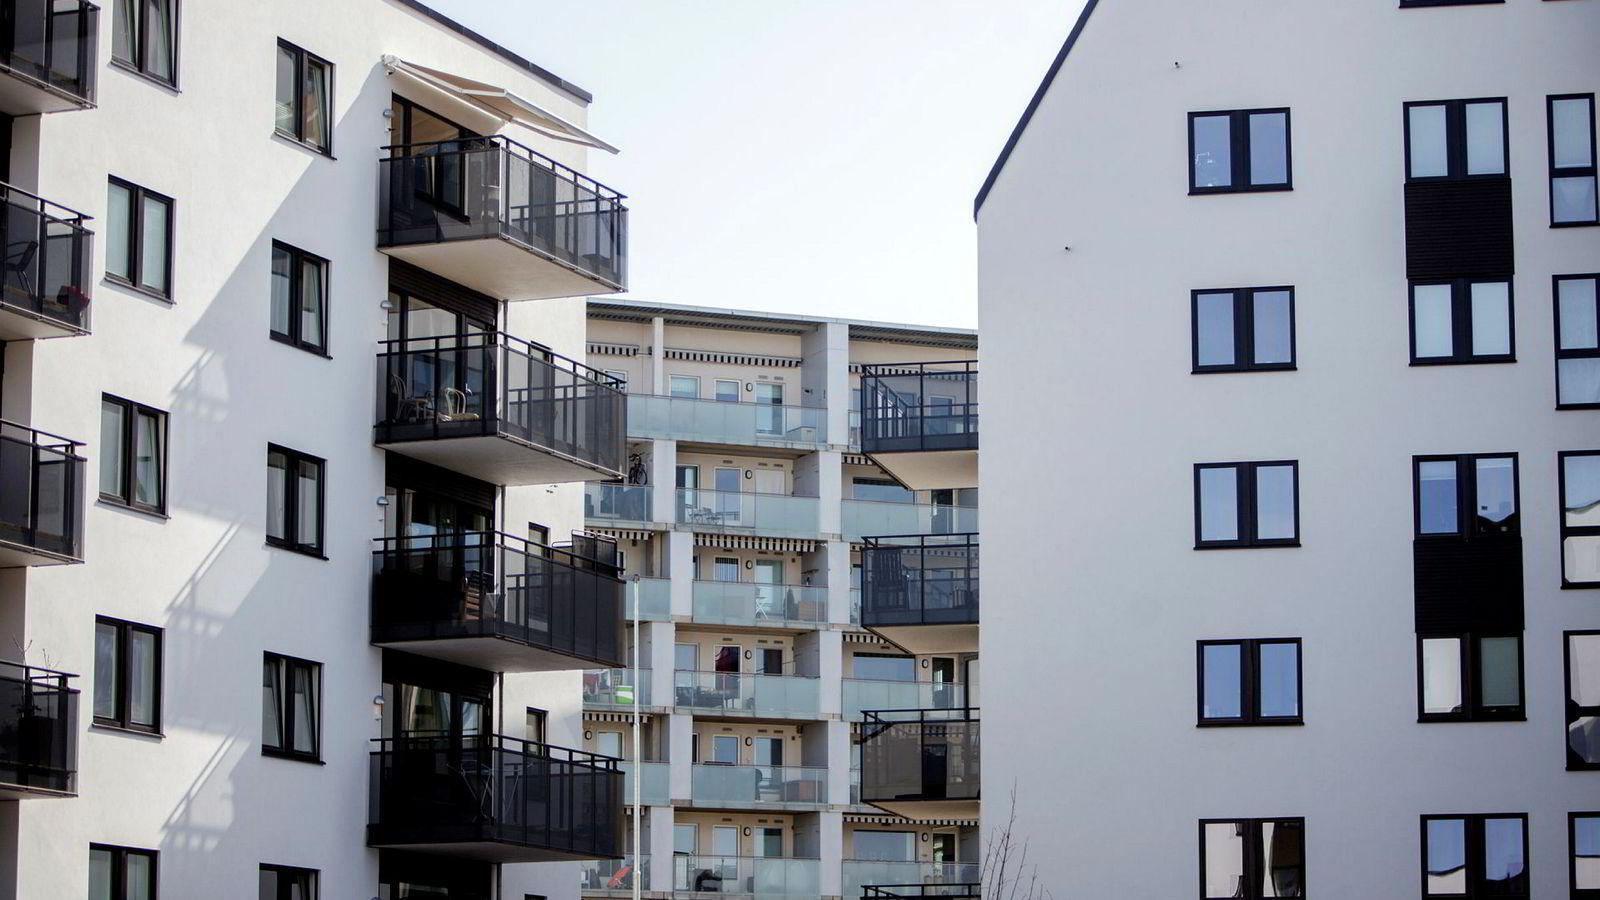 Inntil vi ser noen klare dommedagstegn, tror jeg ikke på noe markert fall i de norske boligprisene, skriver artikkelforfatteren.